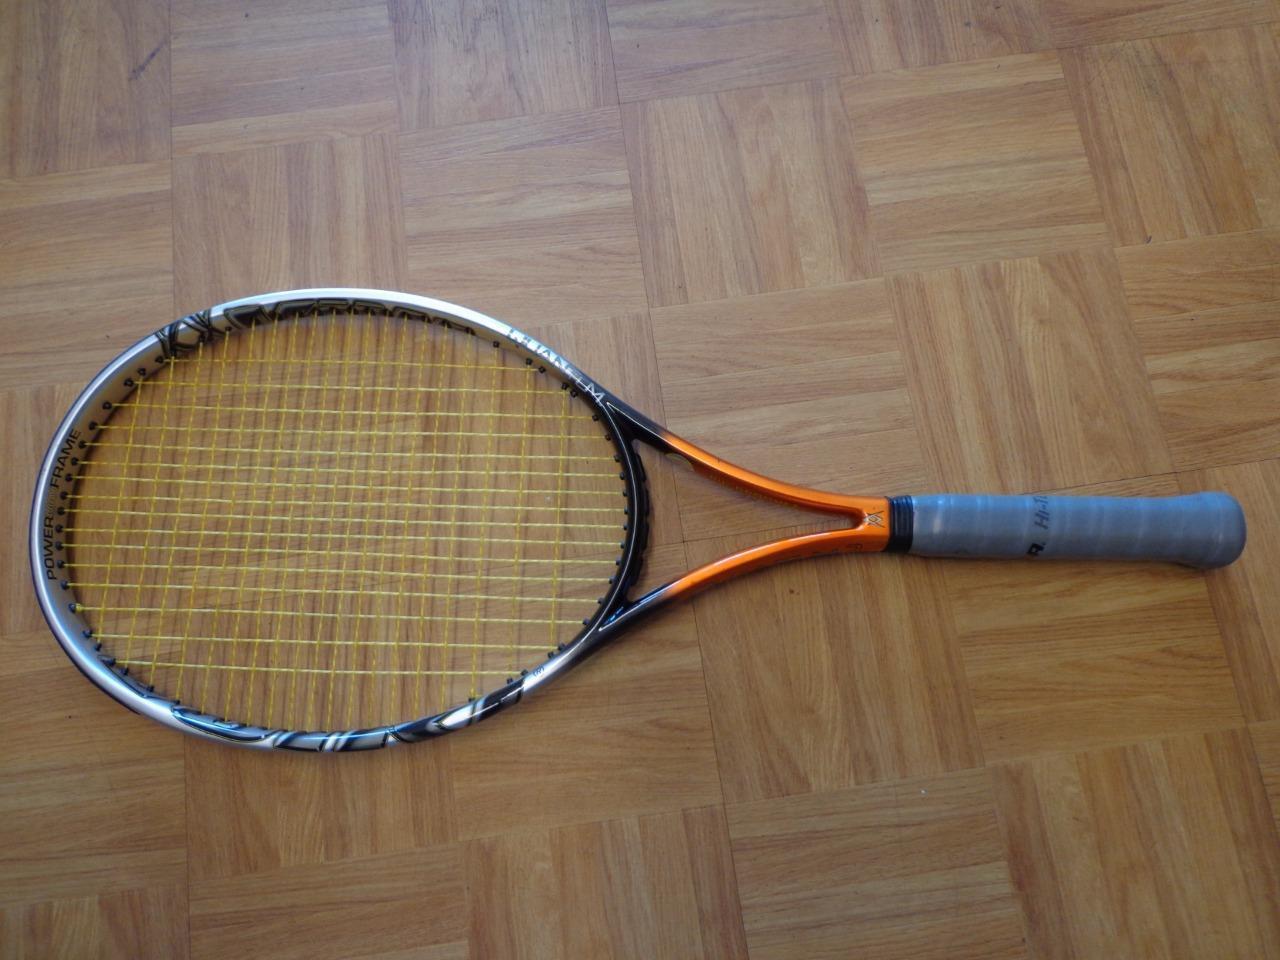 Volkl Quantum 3 Titanium Lite voiturebon OverTaille 110 head 4 3 8 grip Tennis Racquet